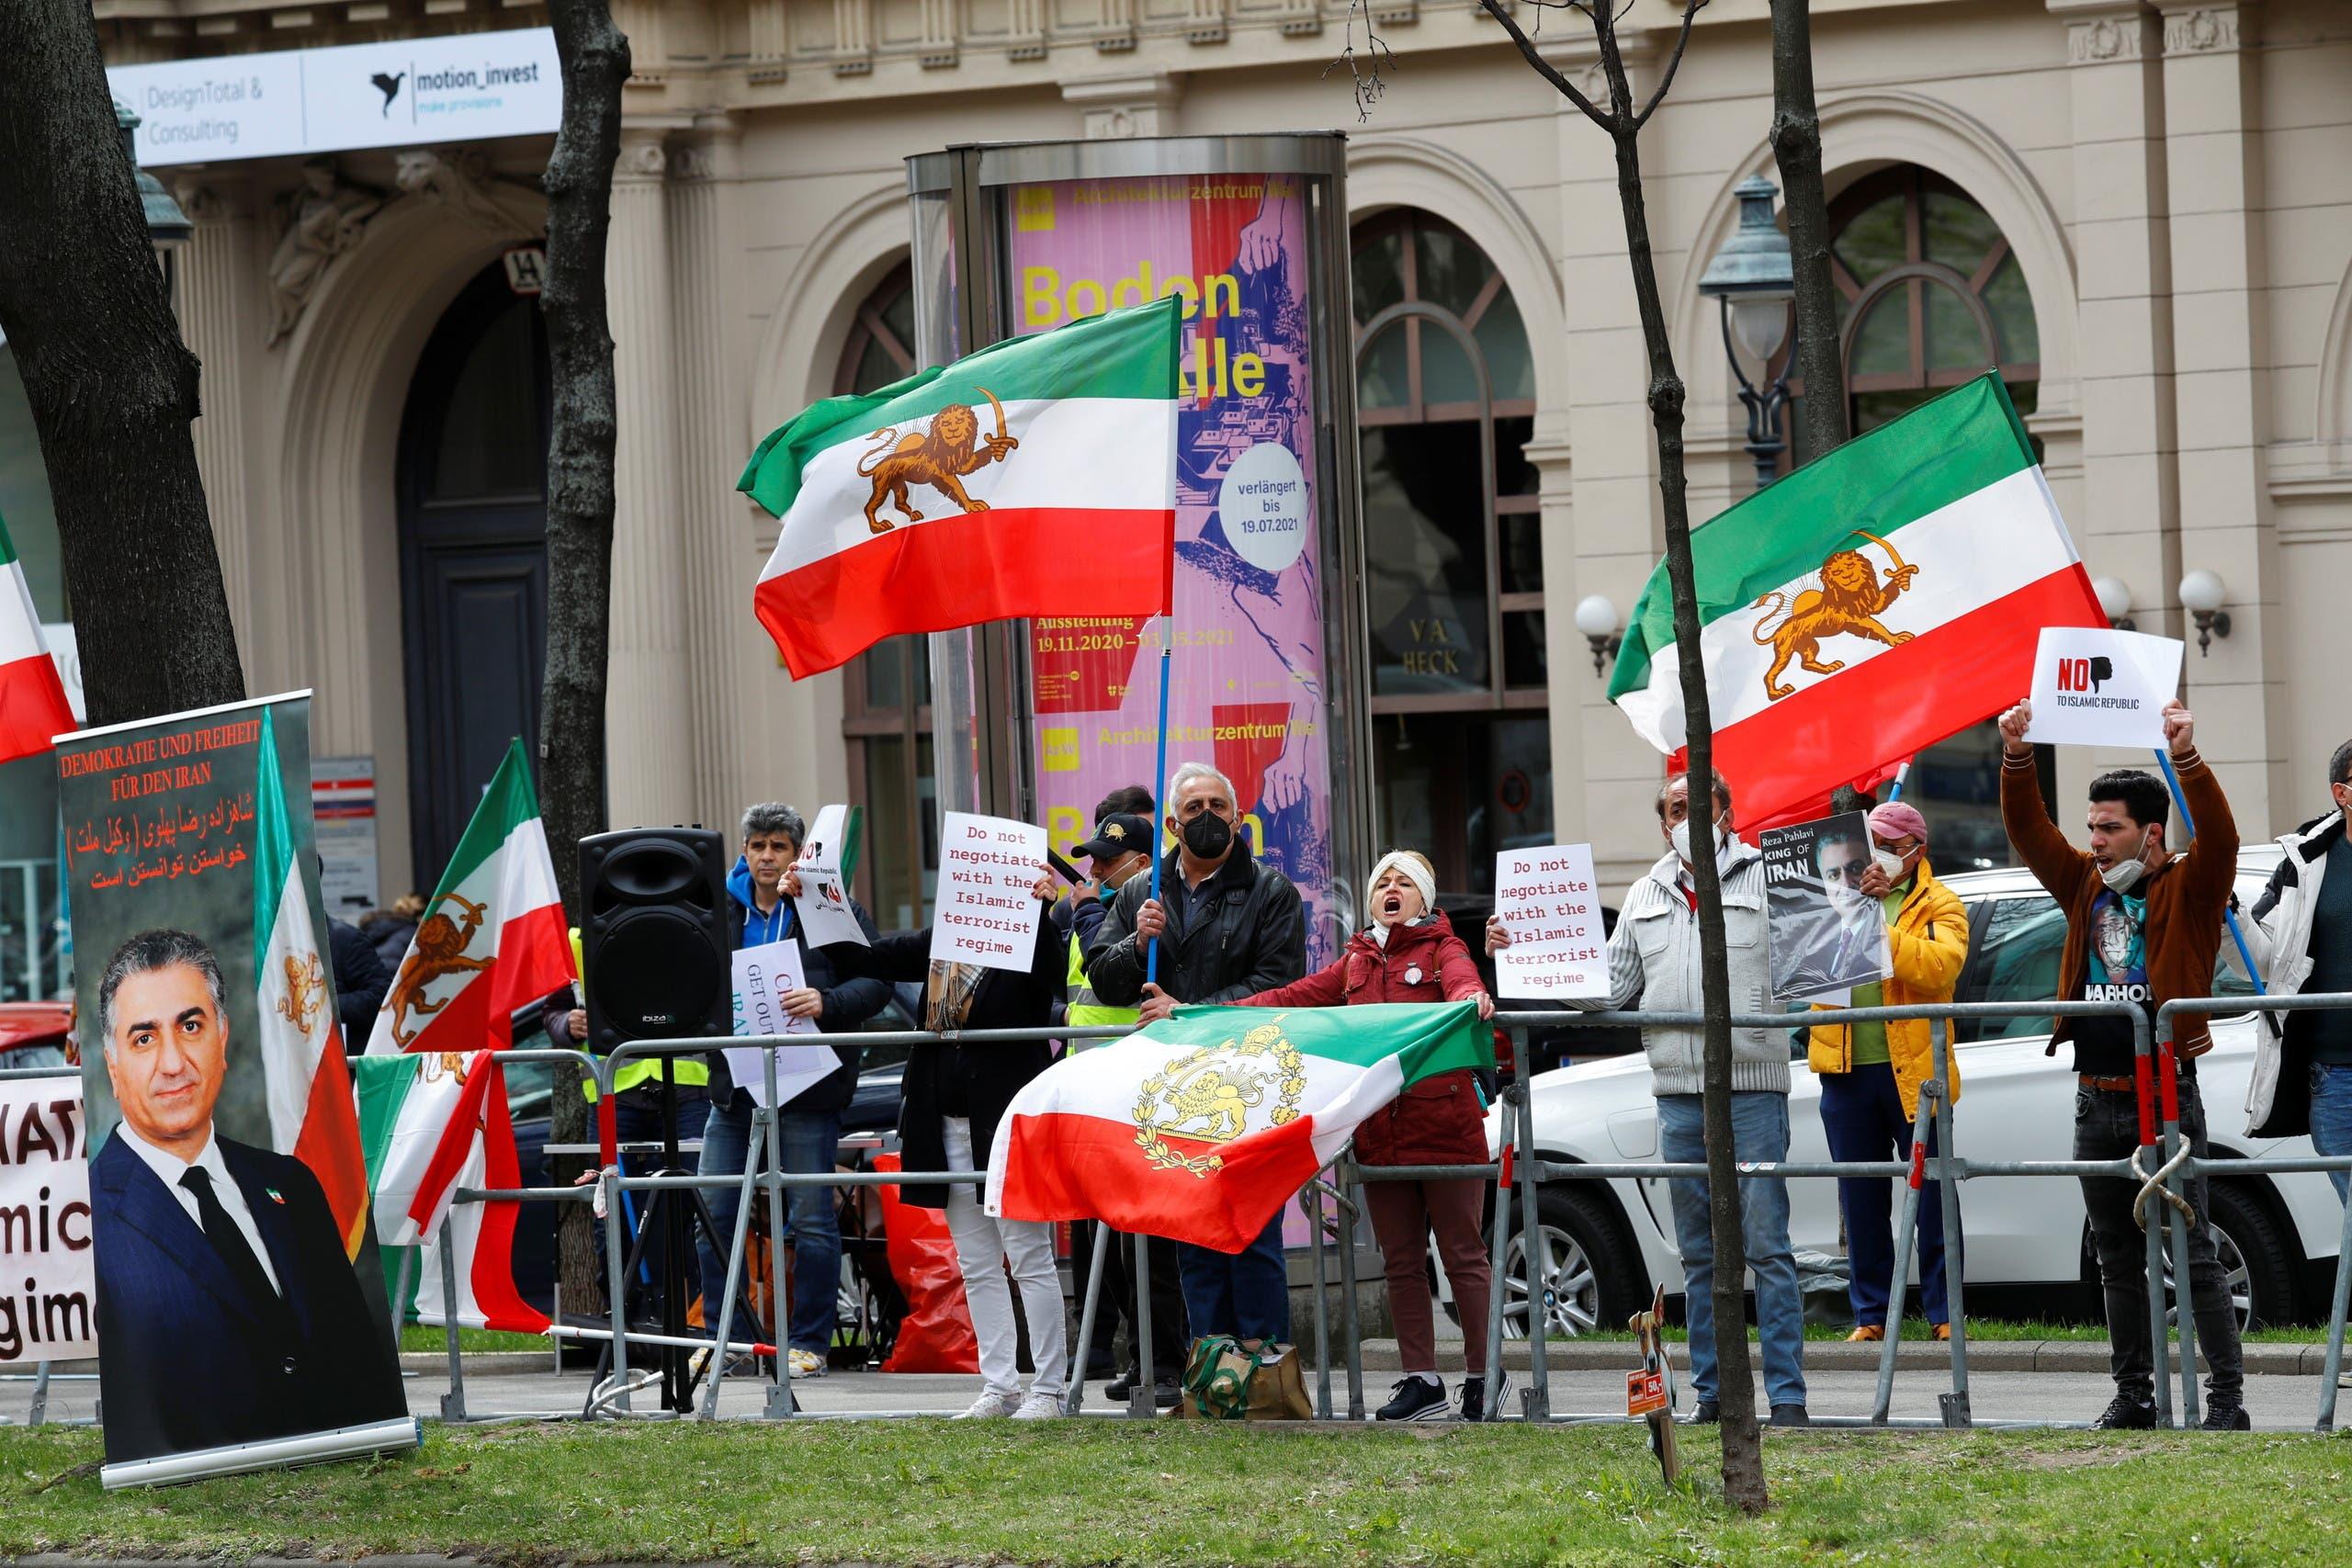 معارضون  أمام الفنددق حيث تجري المباحثات حول نووي إيران في فيينا (أرشيفية- رويترز)